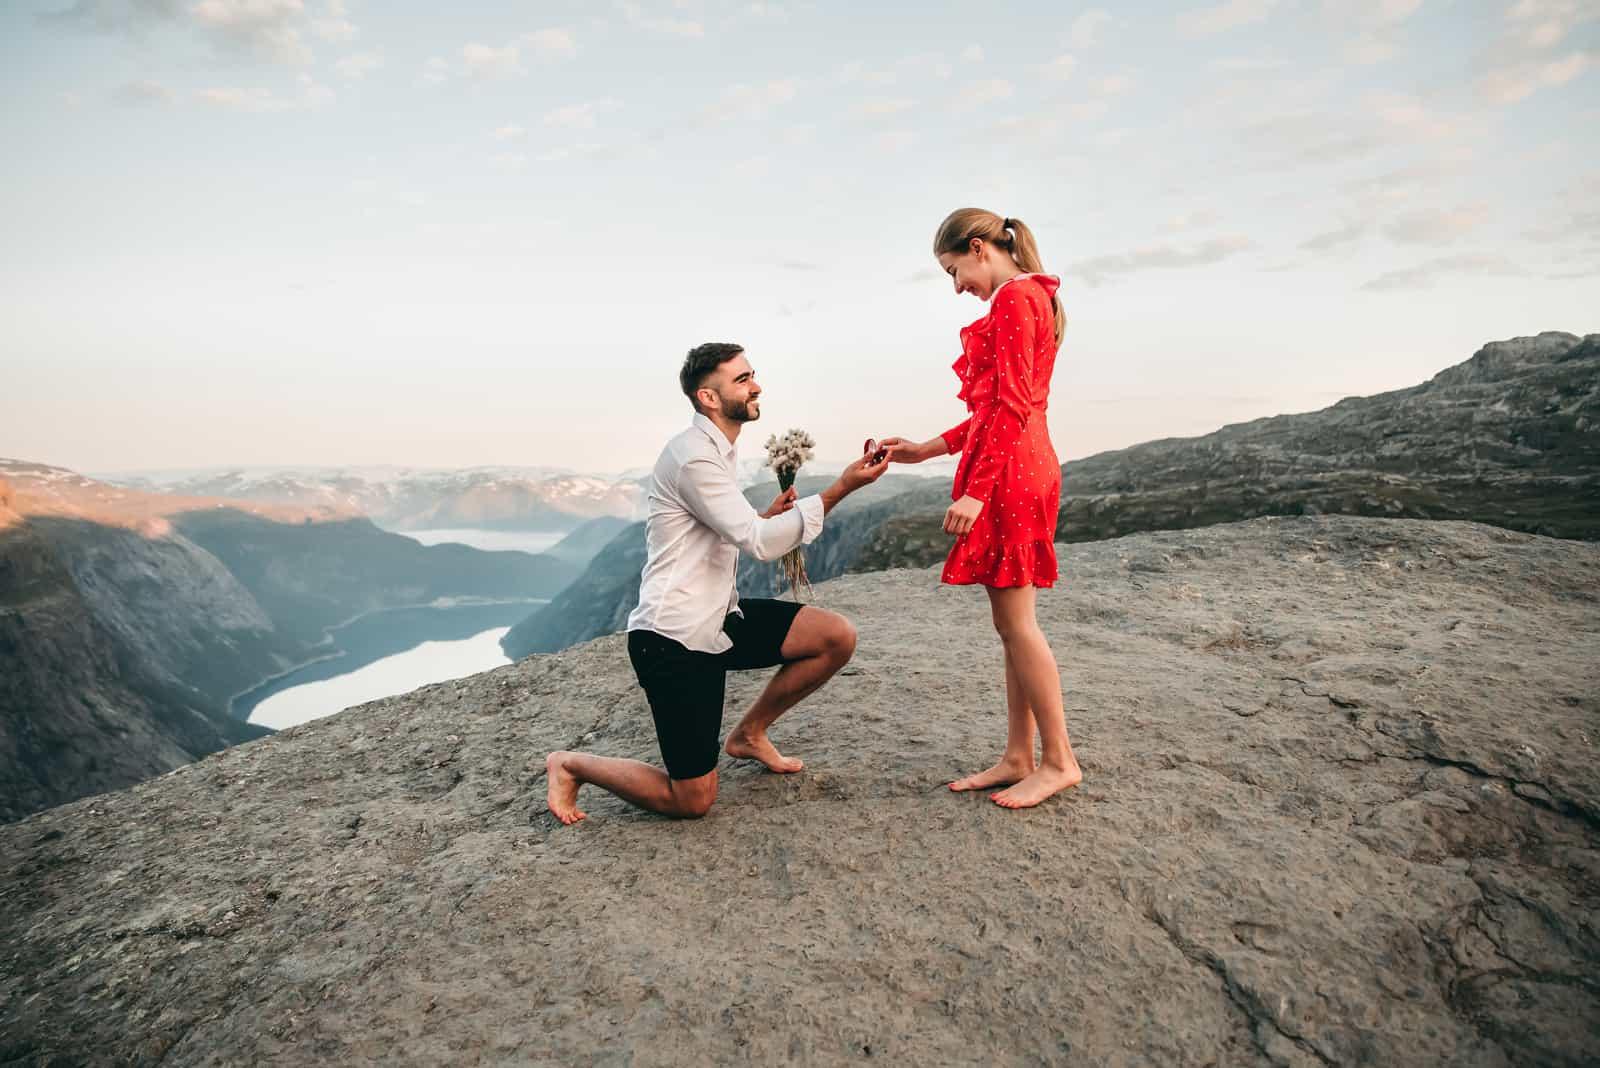 Mann steht auf seinem Knie in der Nähe der Klippe und macht einen kreativen Vorschlag